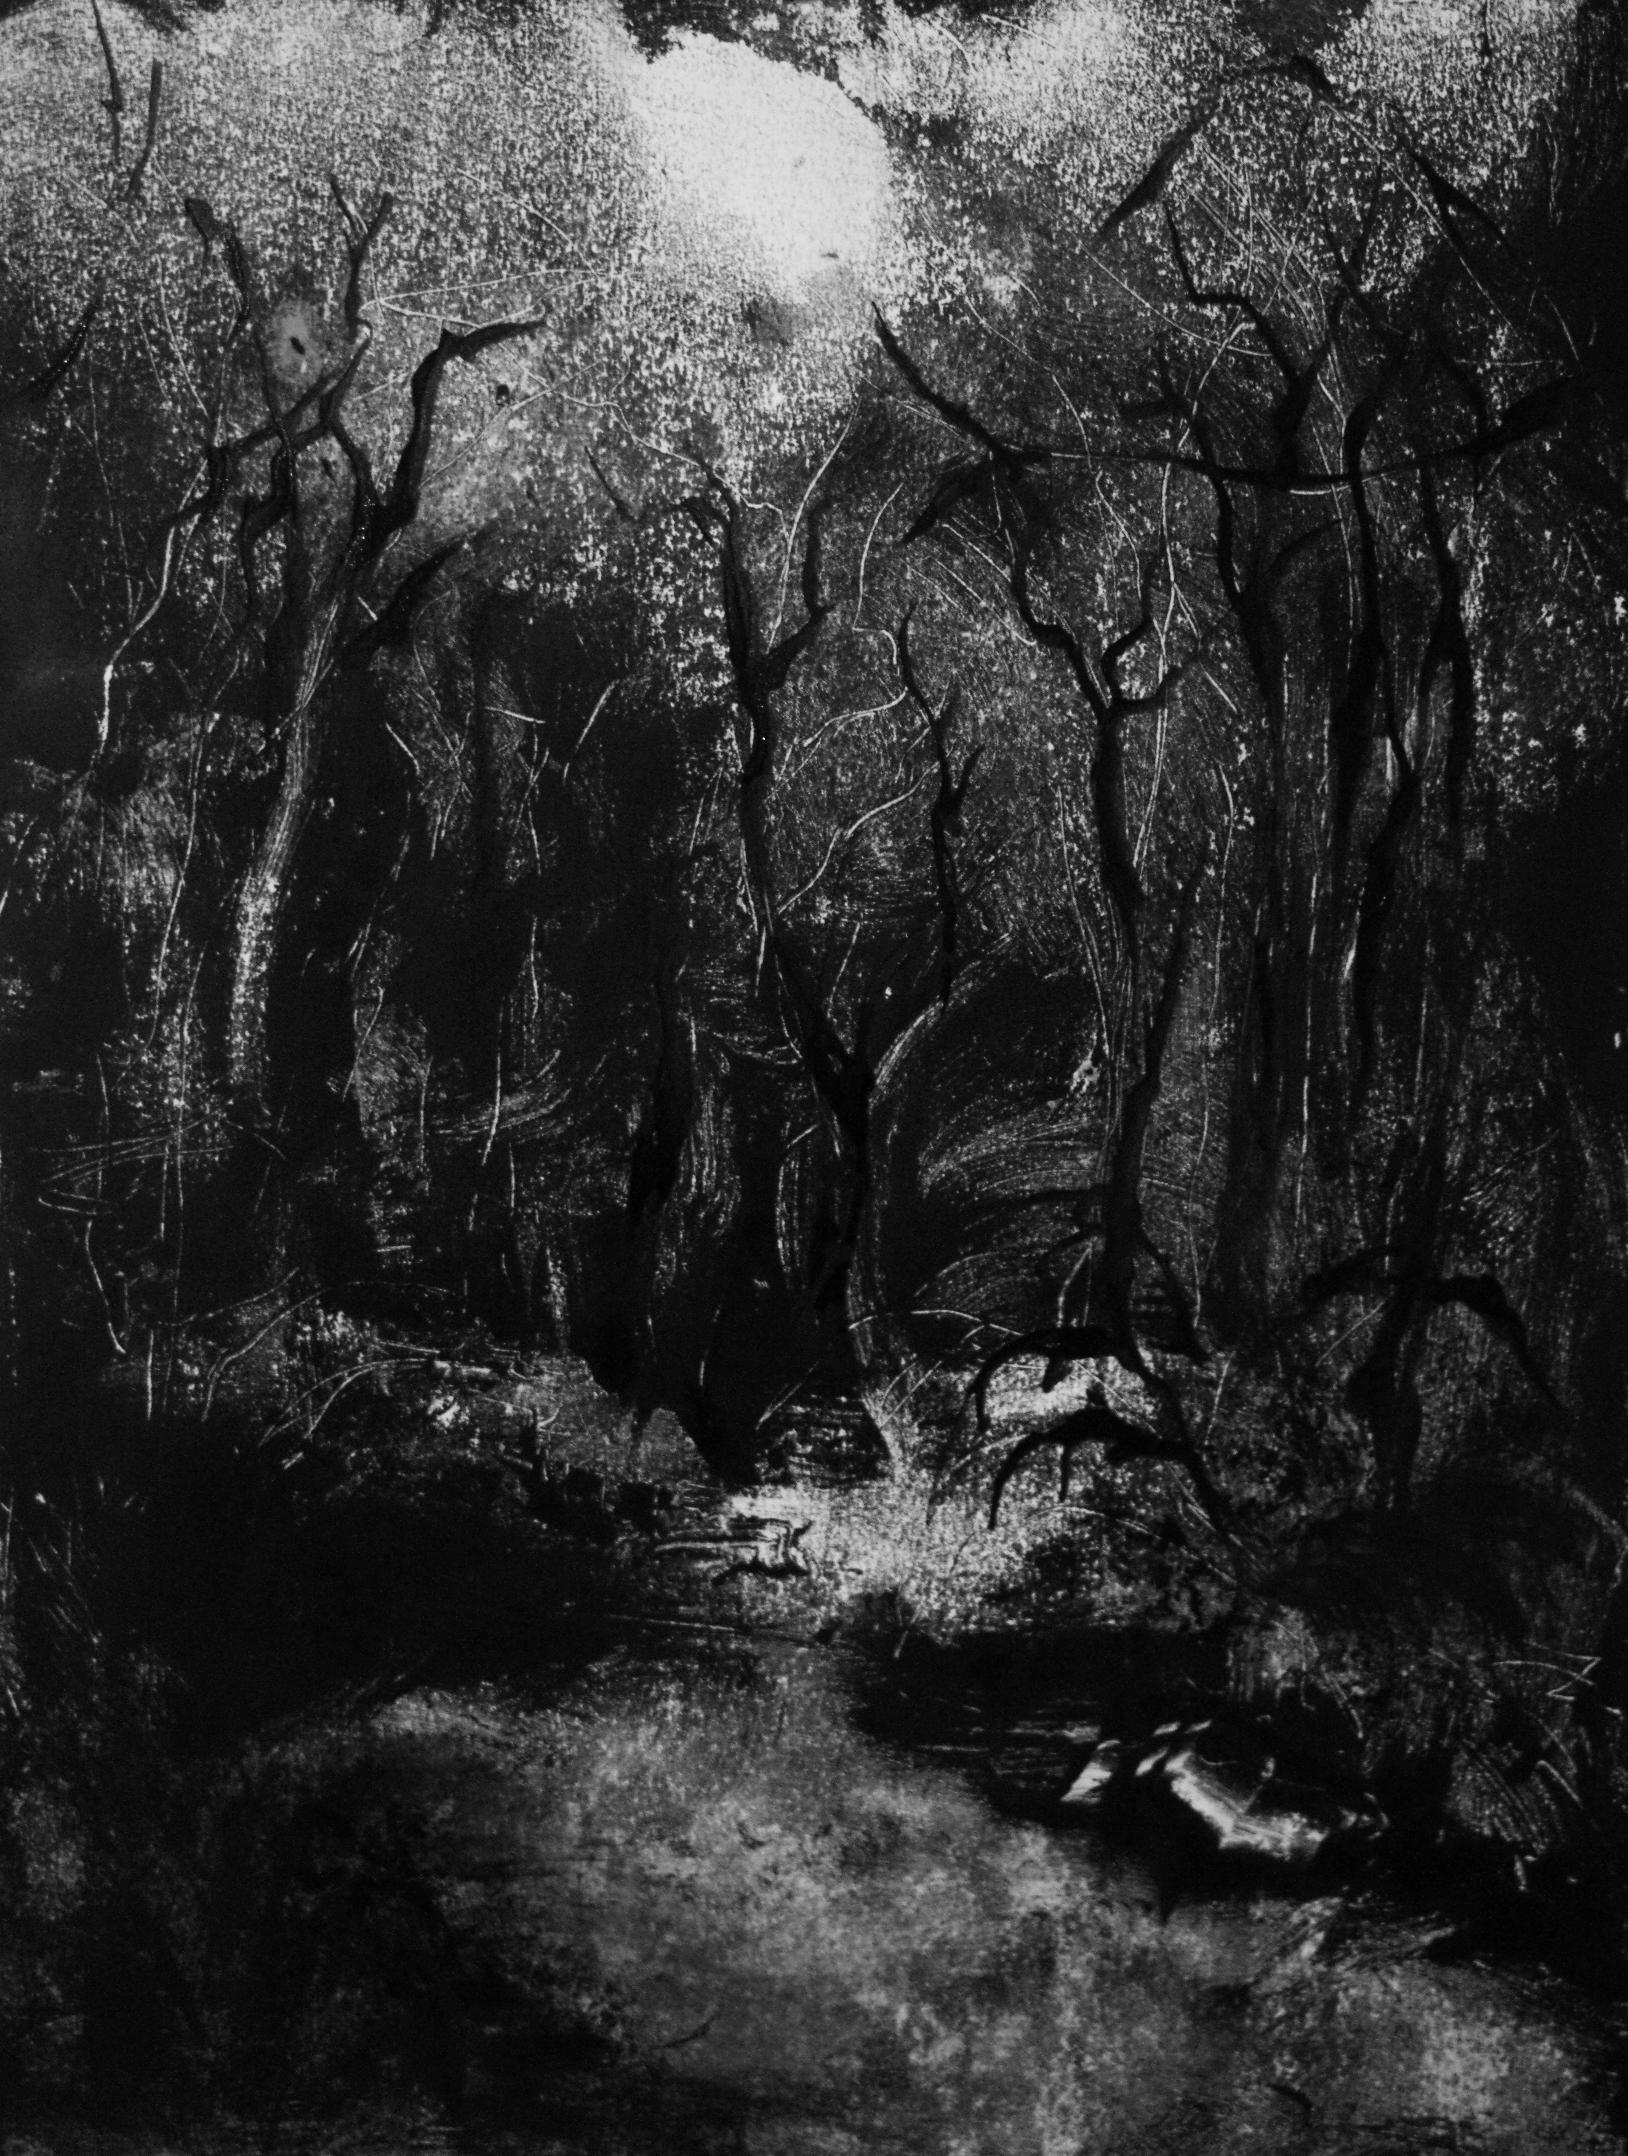 Nuit, Monotype encre, 30x40 cm, 2018